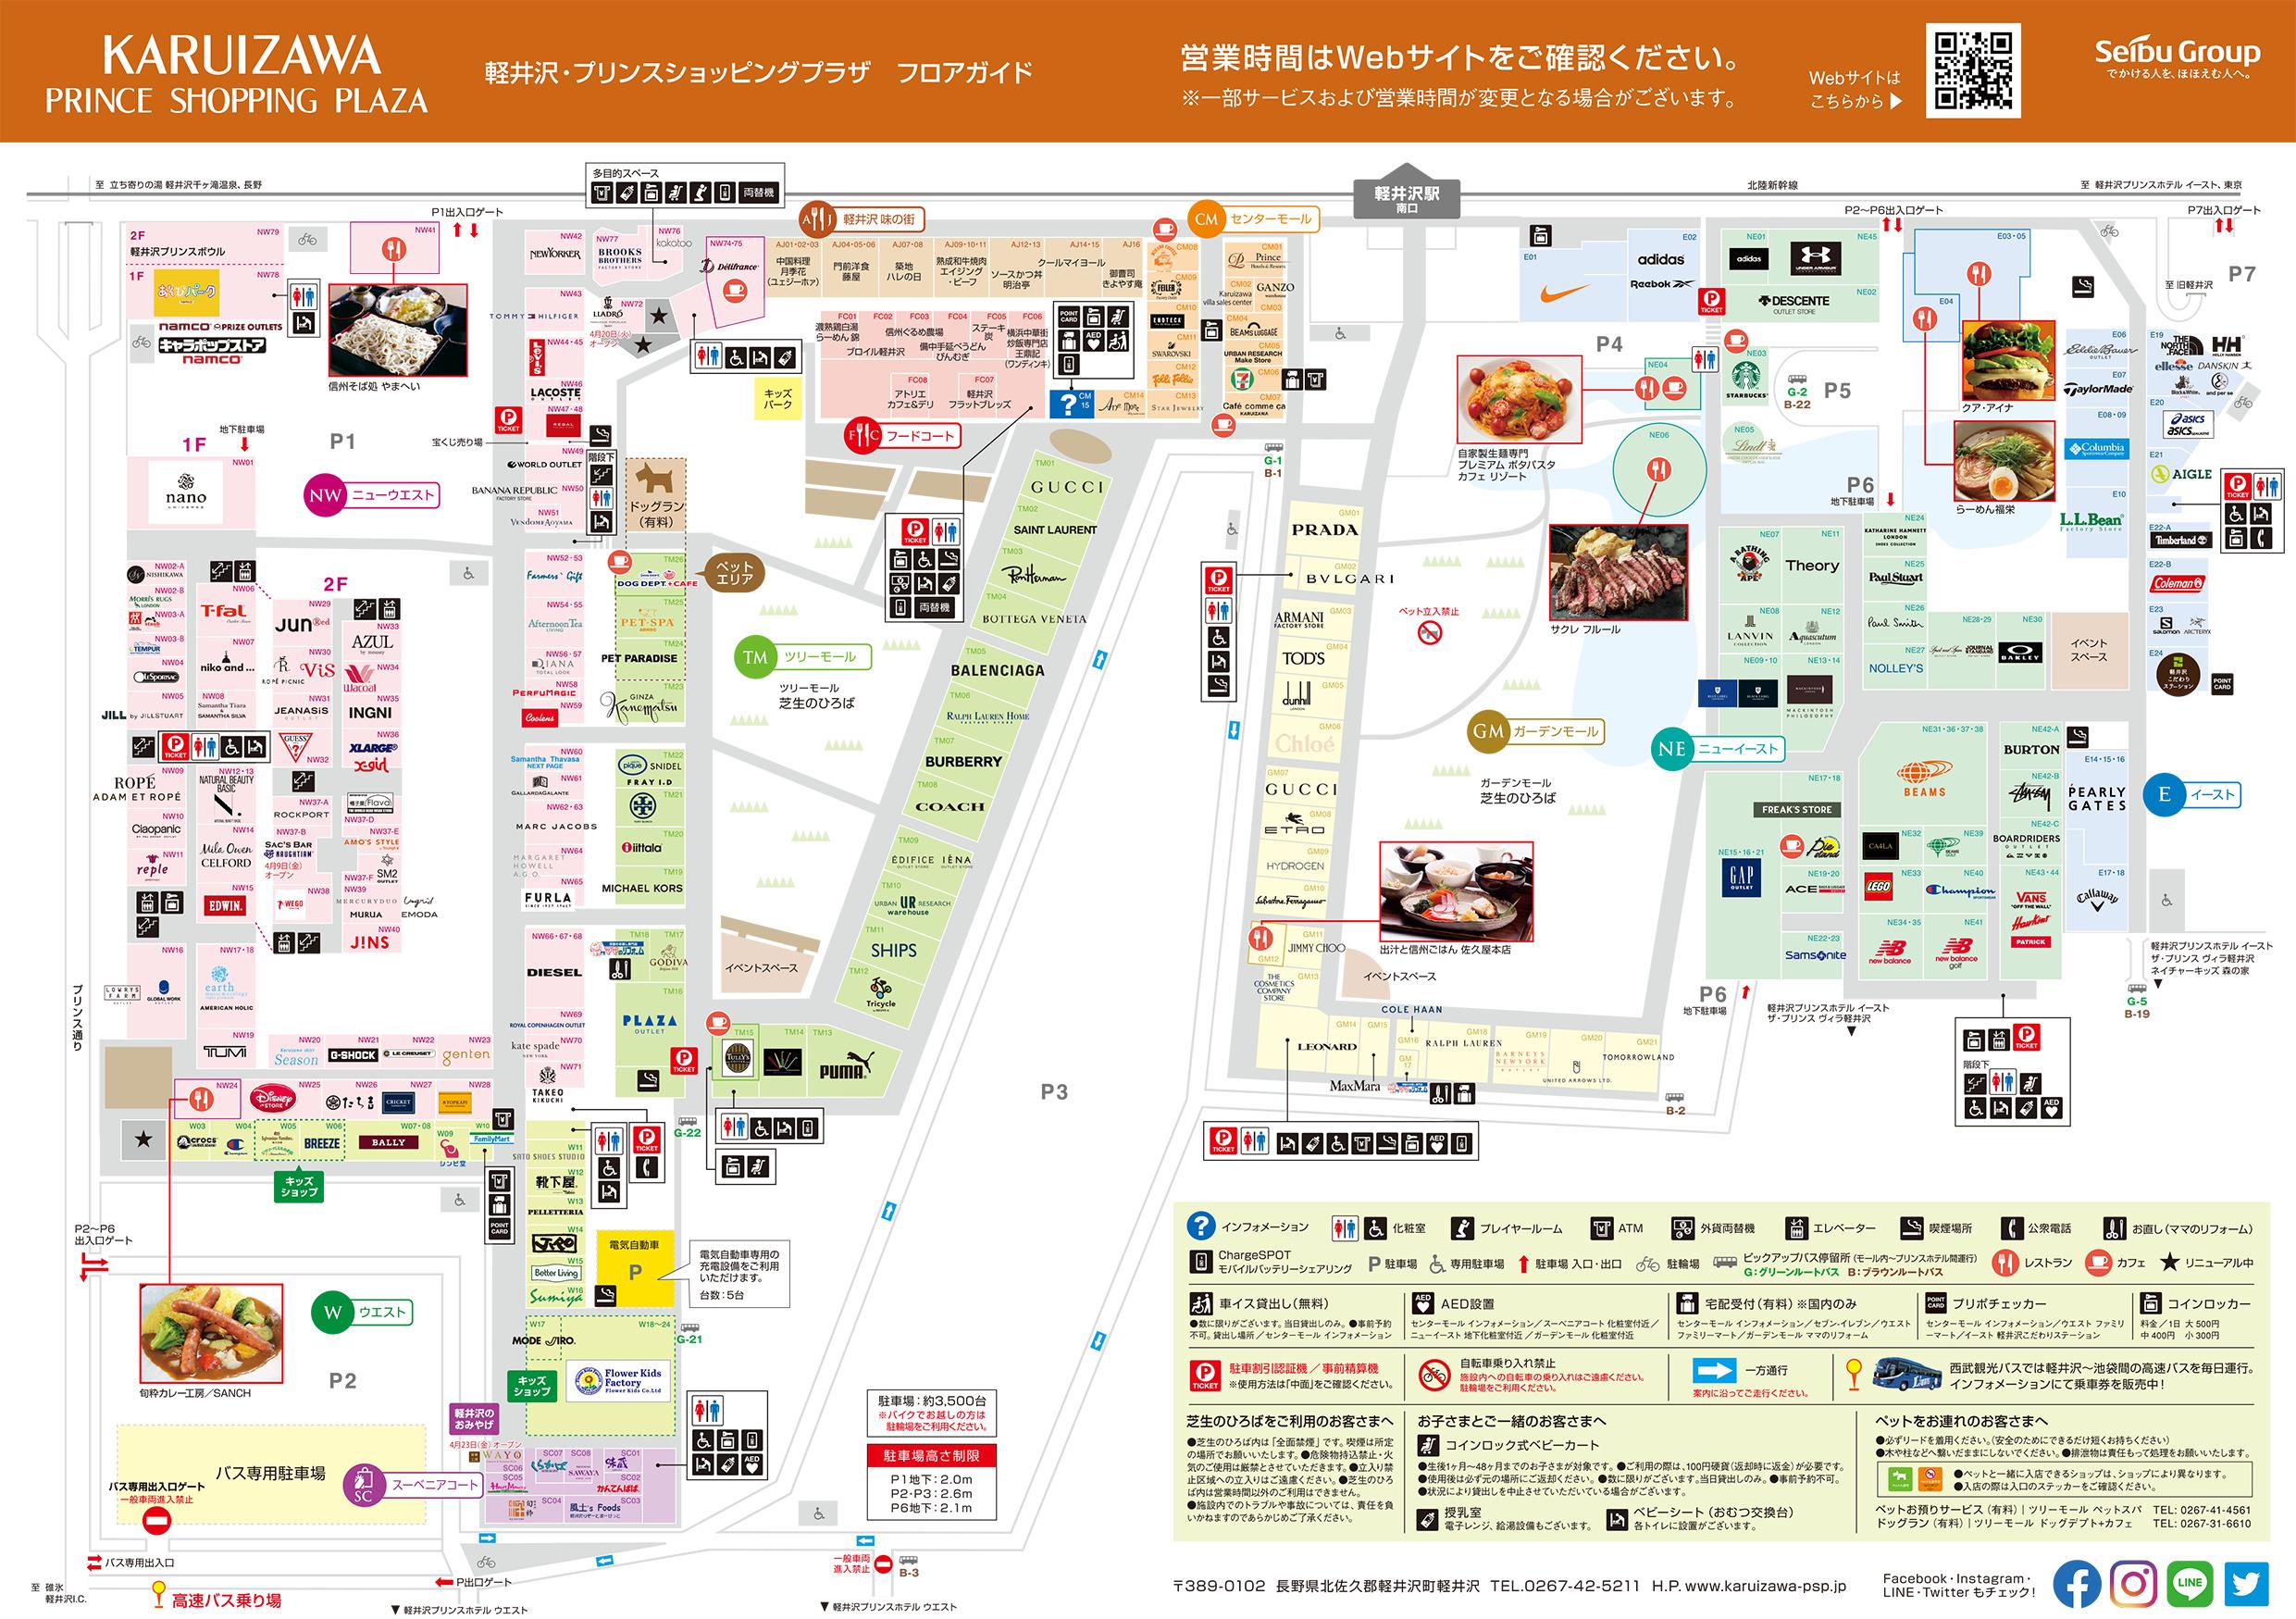 軽井沢プリンスショッピングプラザ フロアガイド